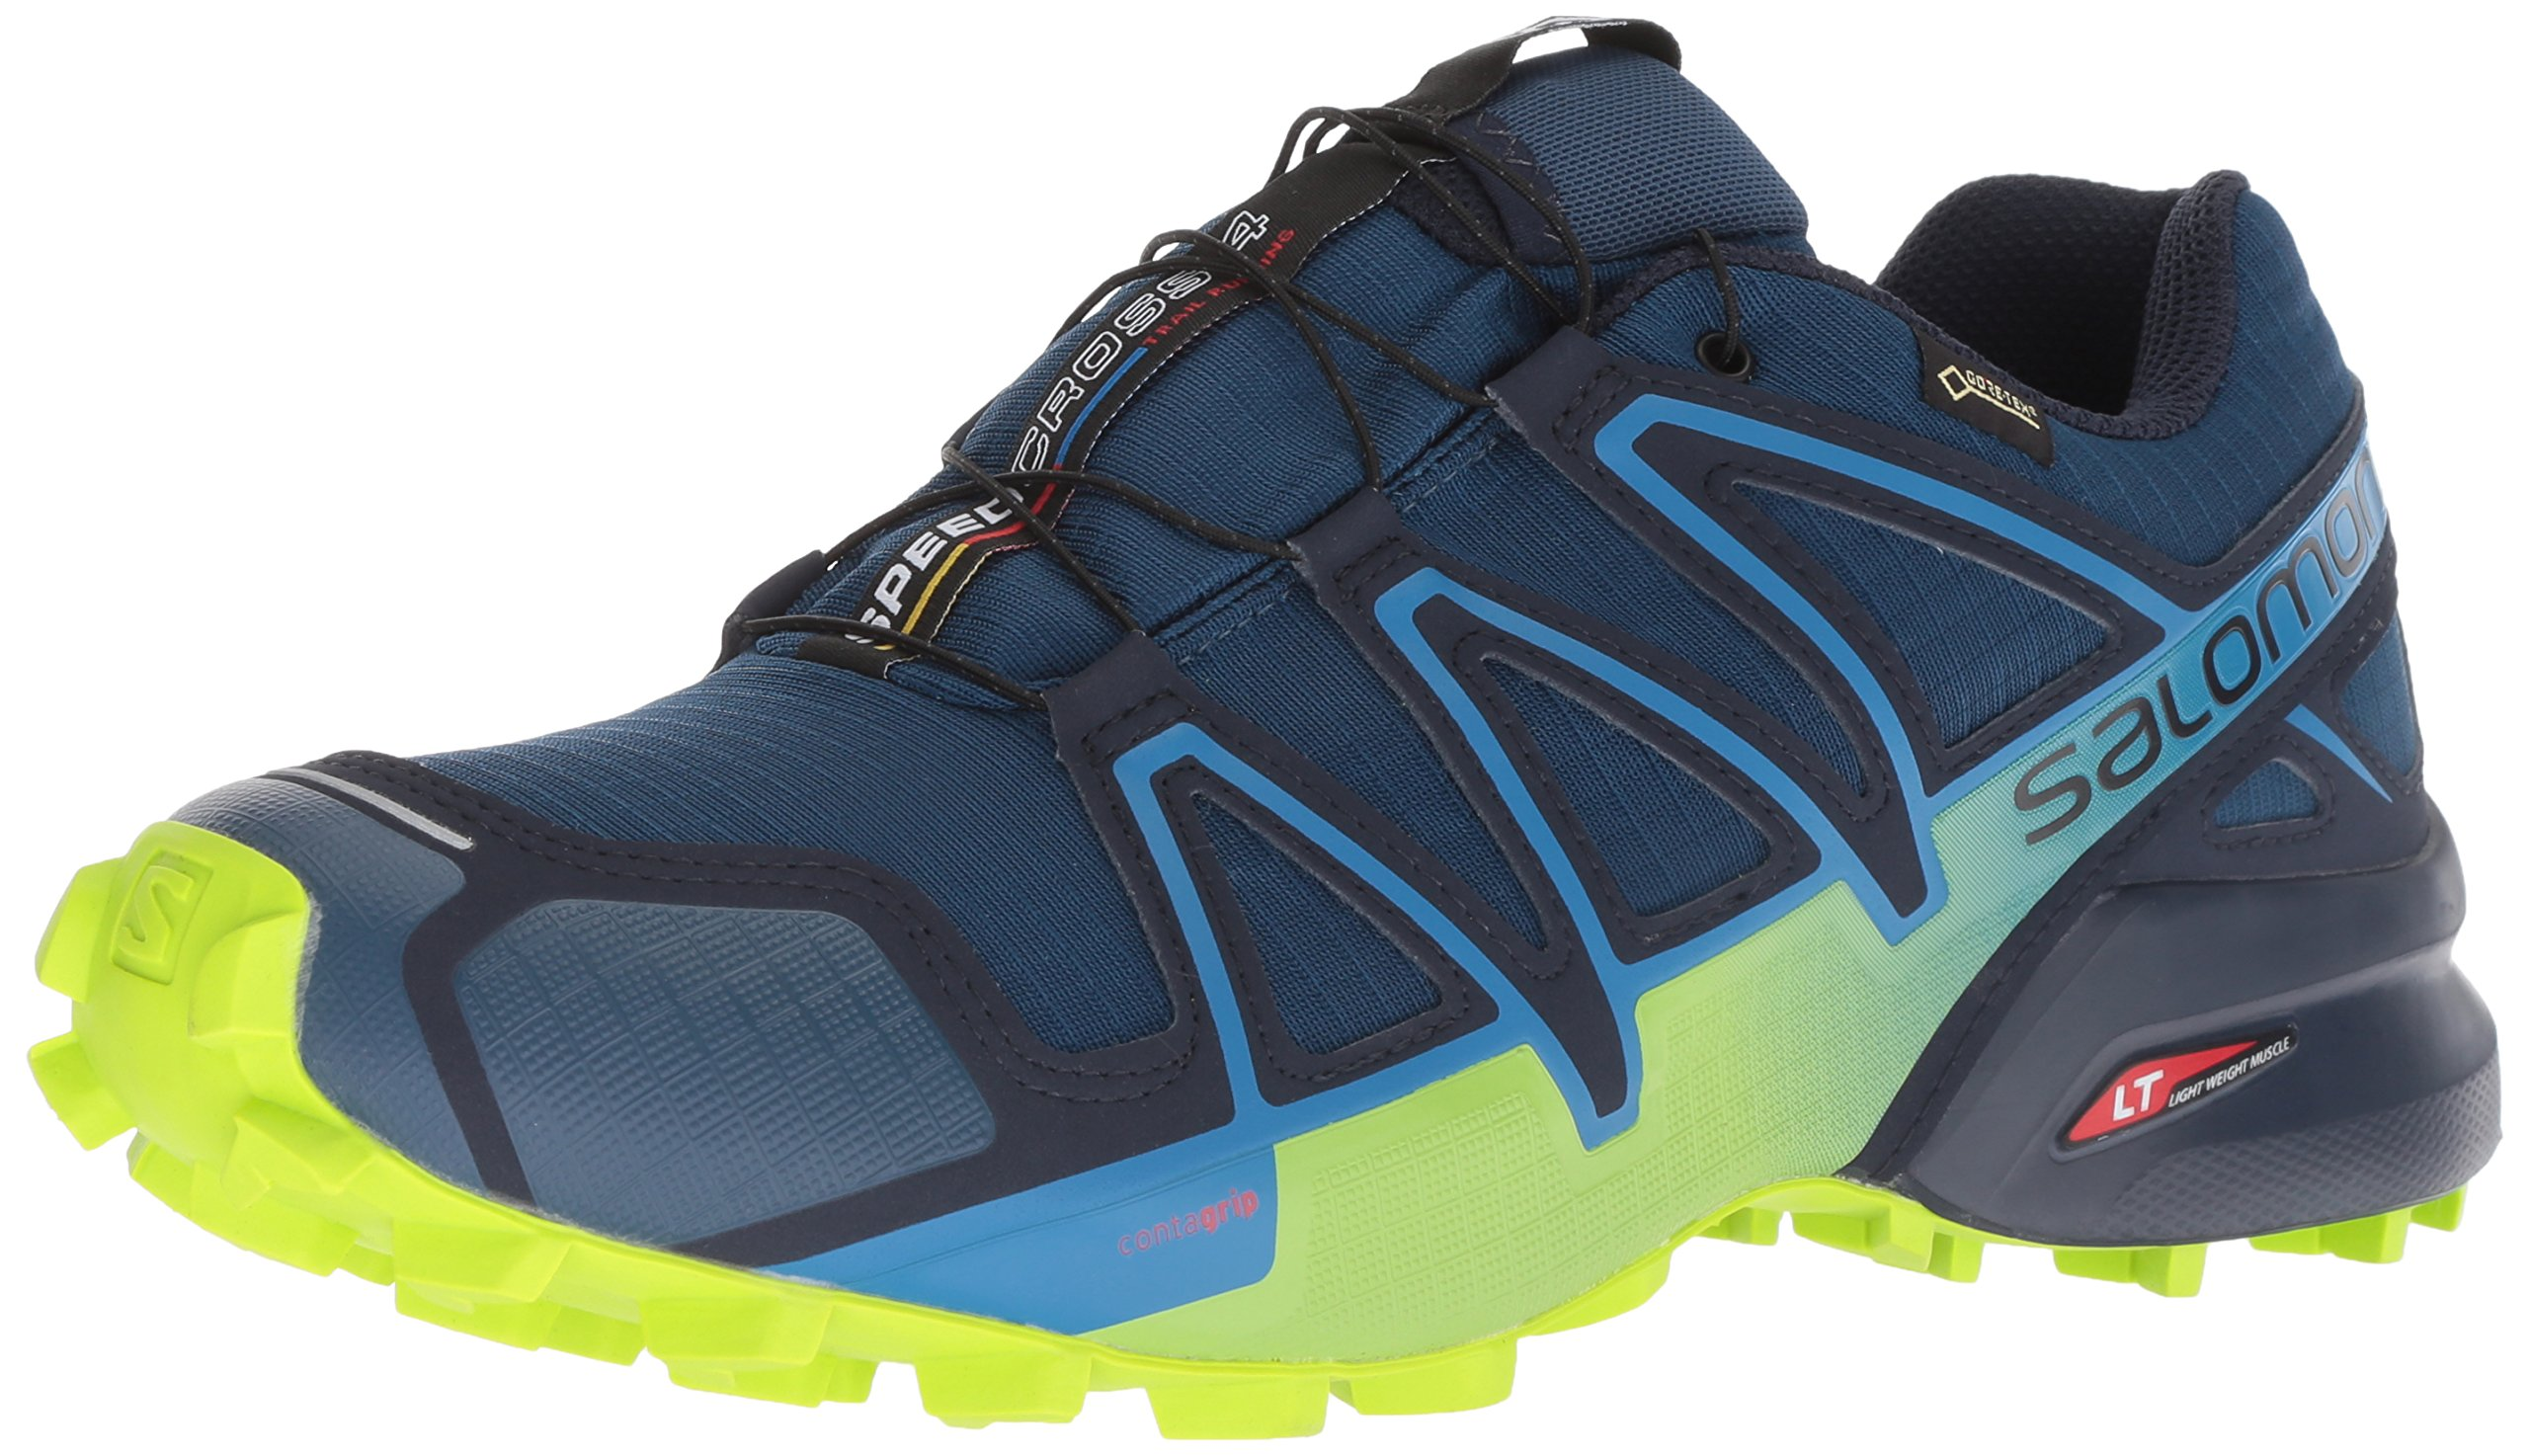 af4c60af63b Salomon Men's Speedcross 4 GTX Trail Running Shoes - Johnson Emporium